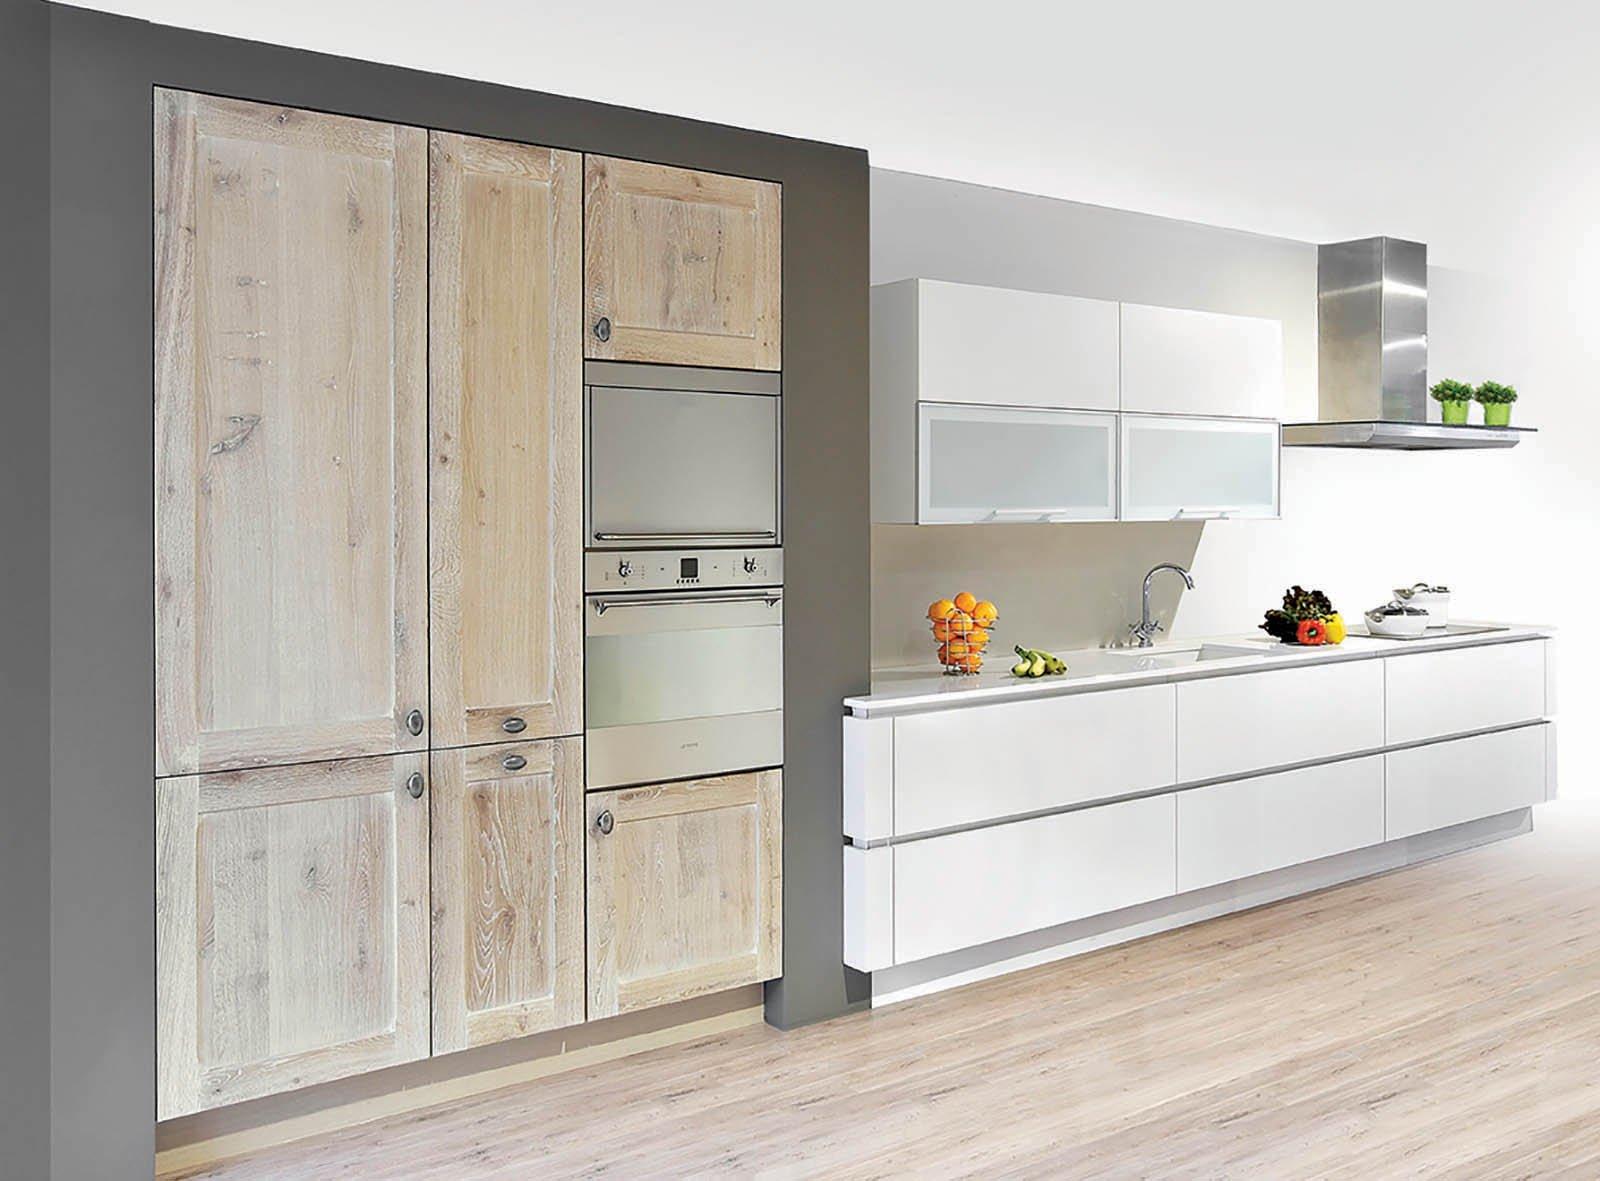 Cuisine moderne et rustique - Modèle Savannah Design